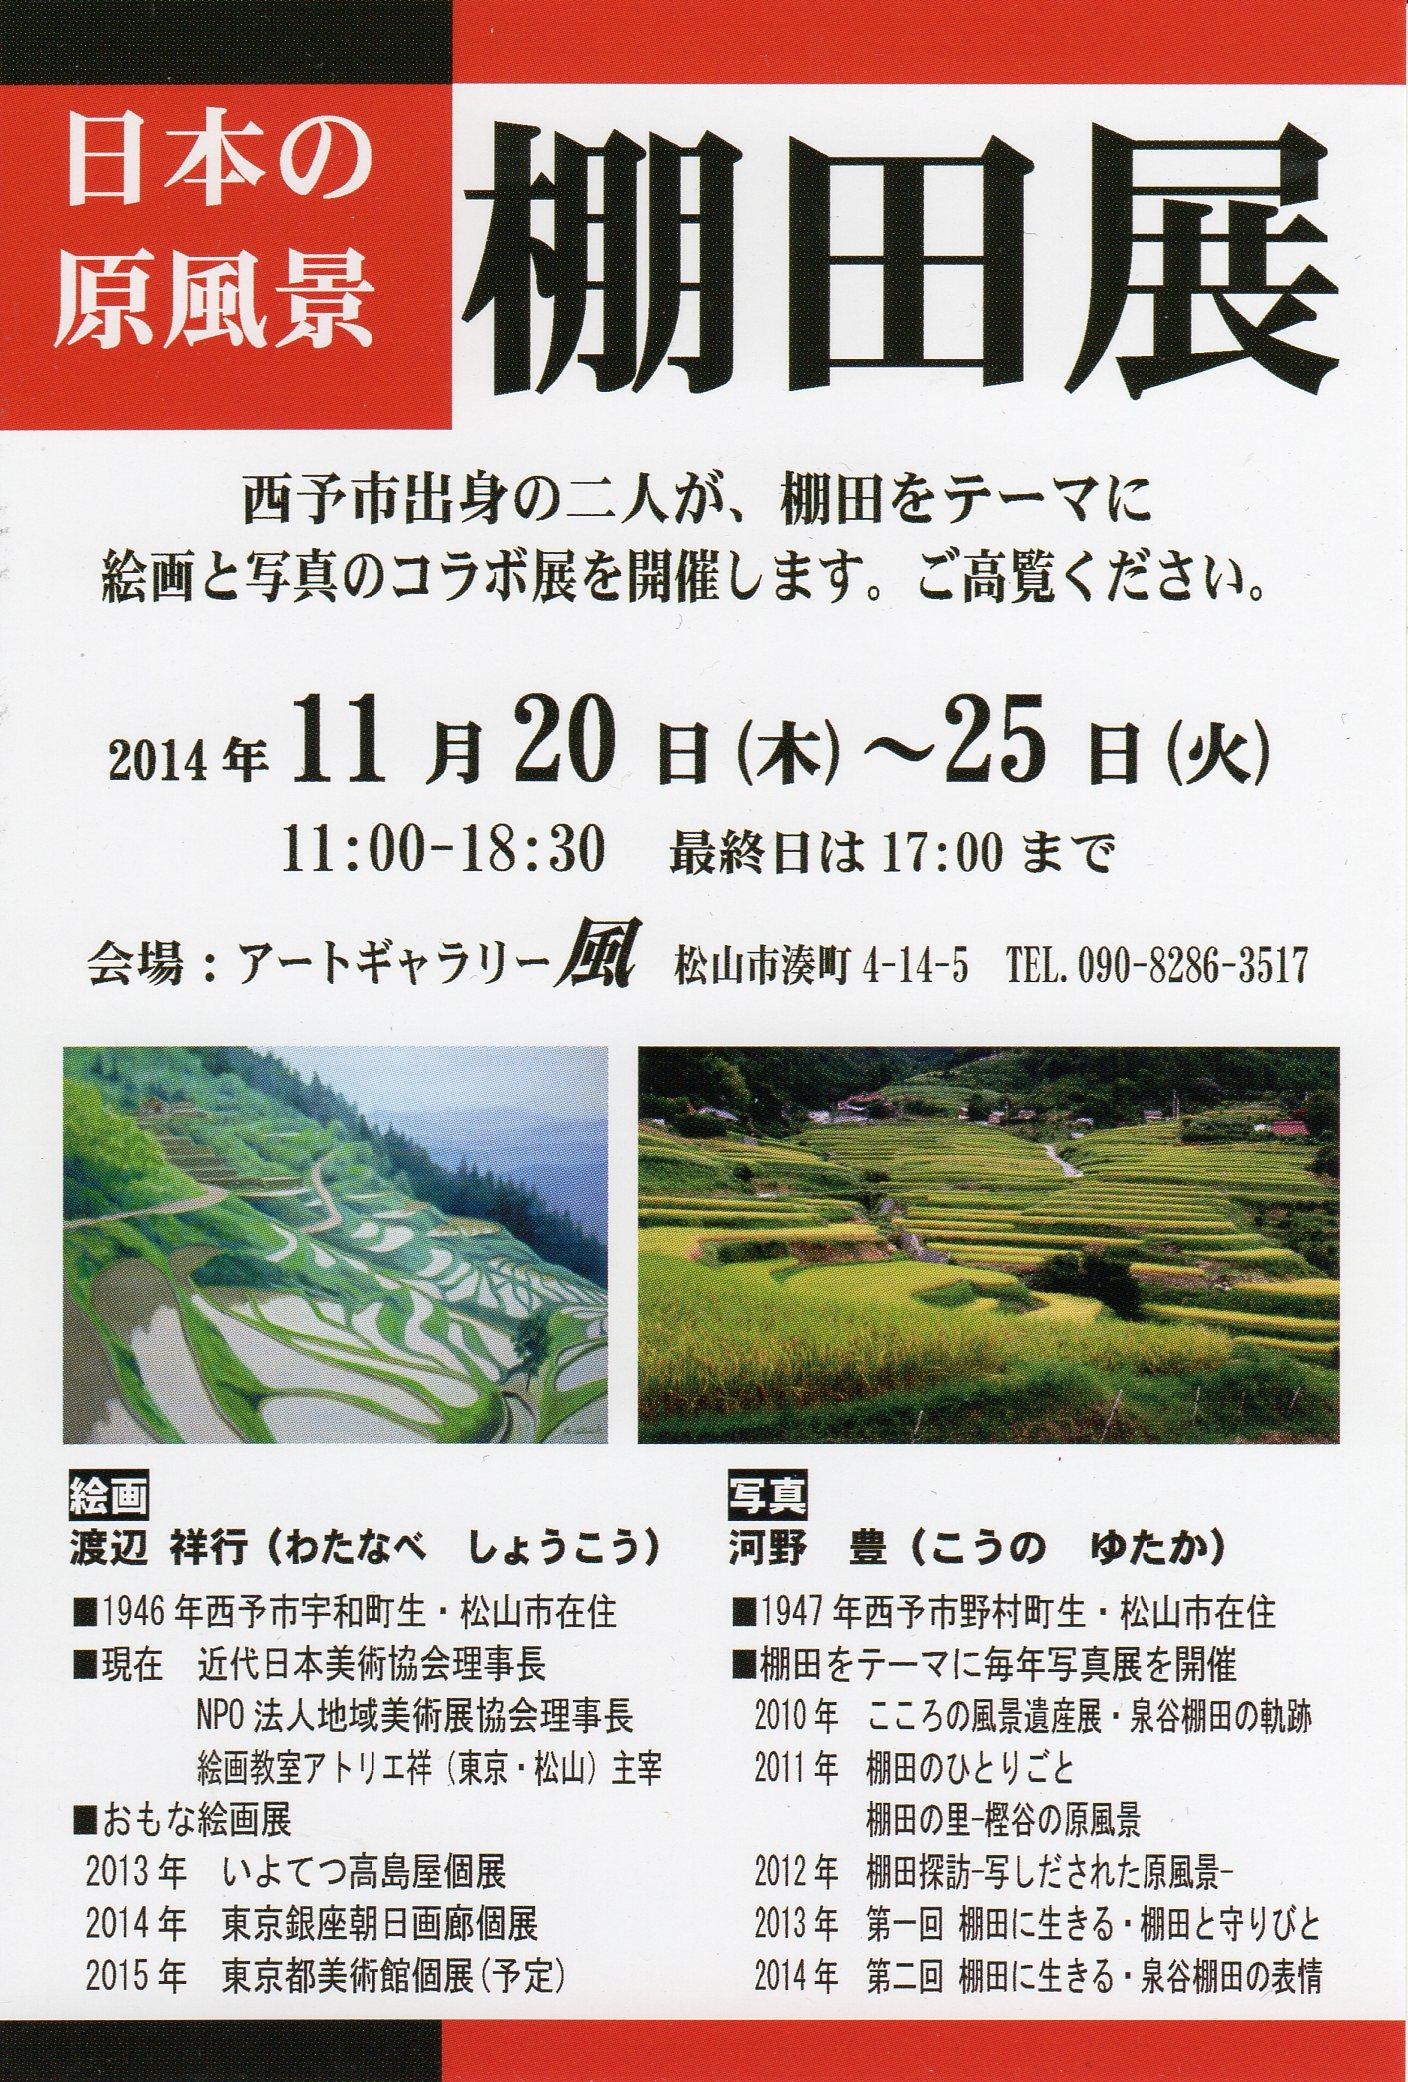 日本の原風景 棚田展 ギャラリー風